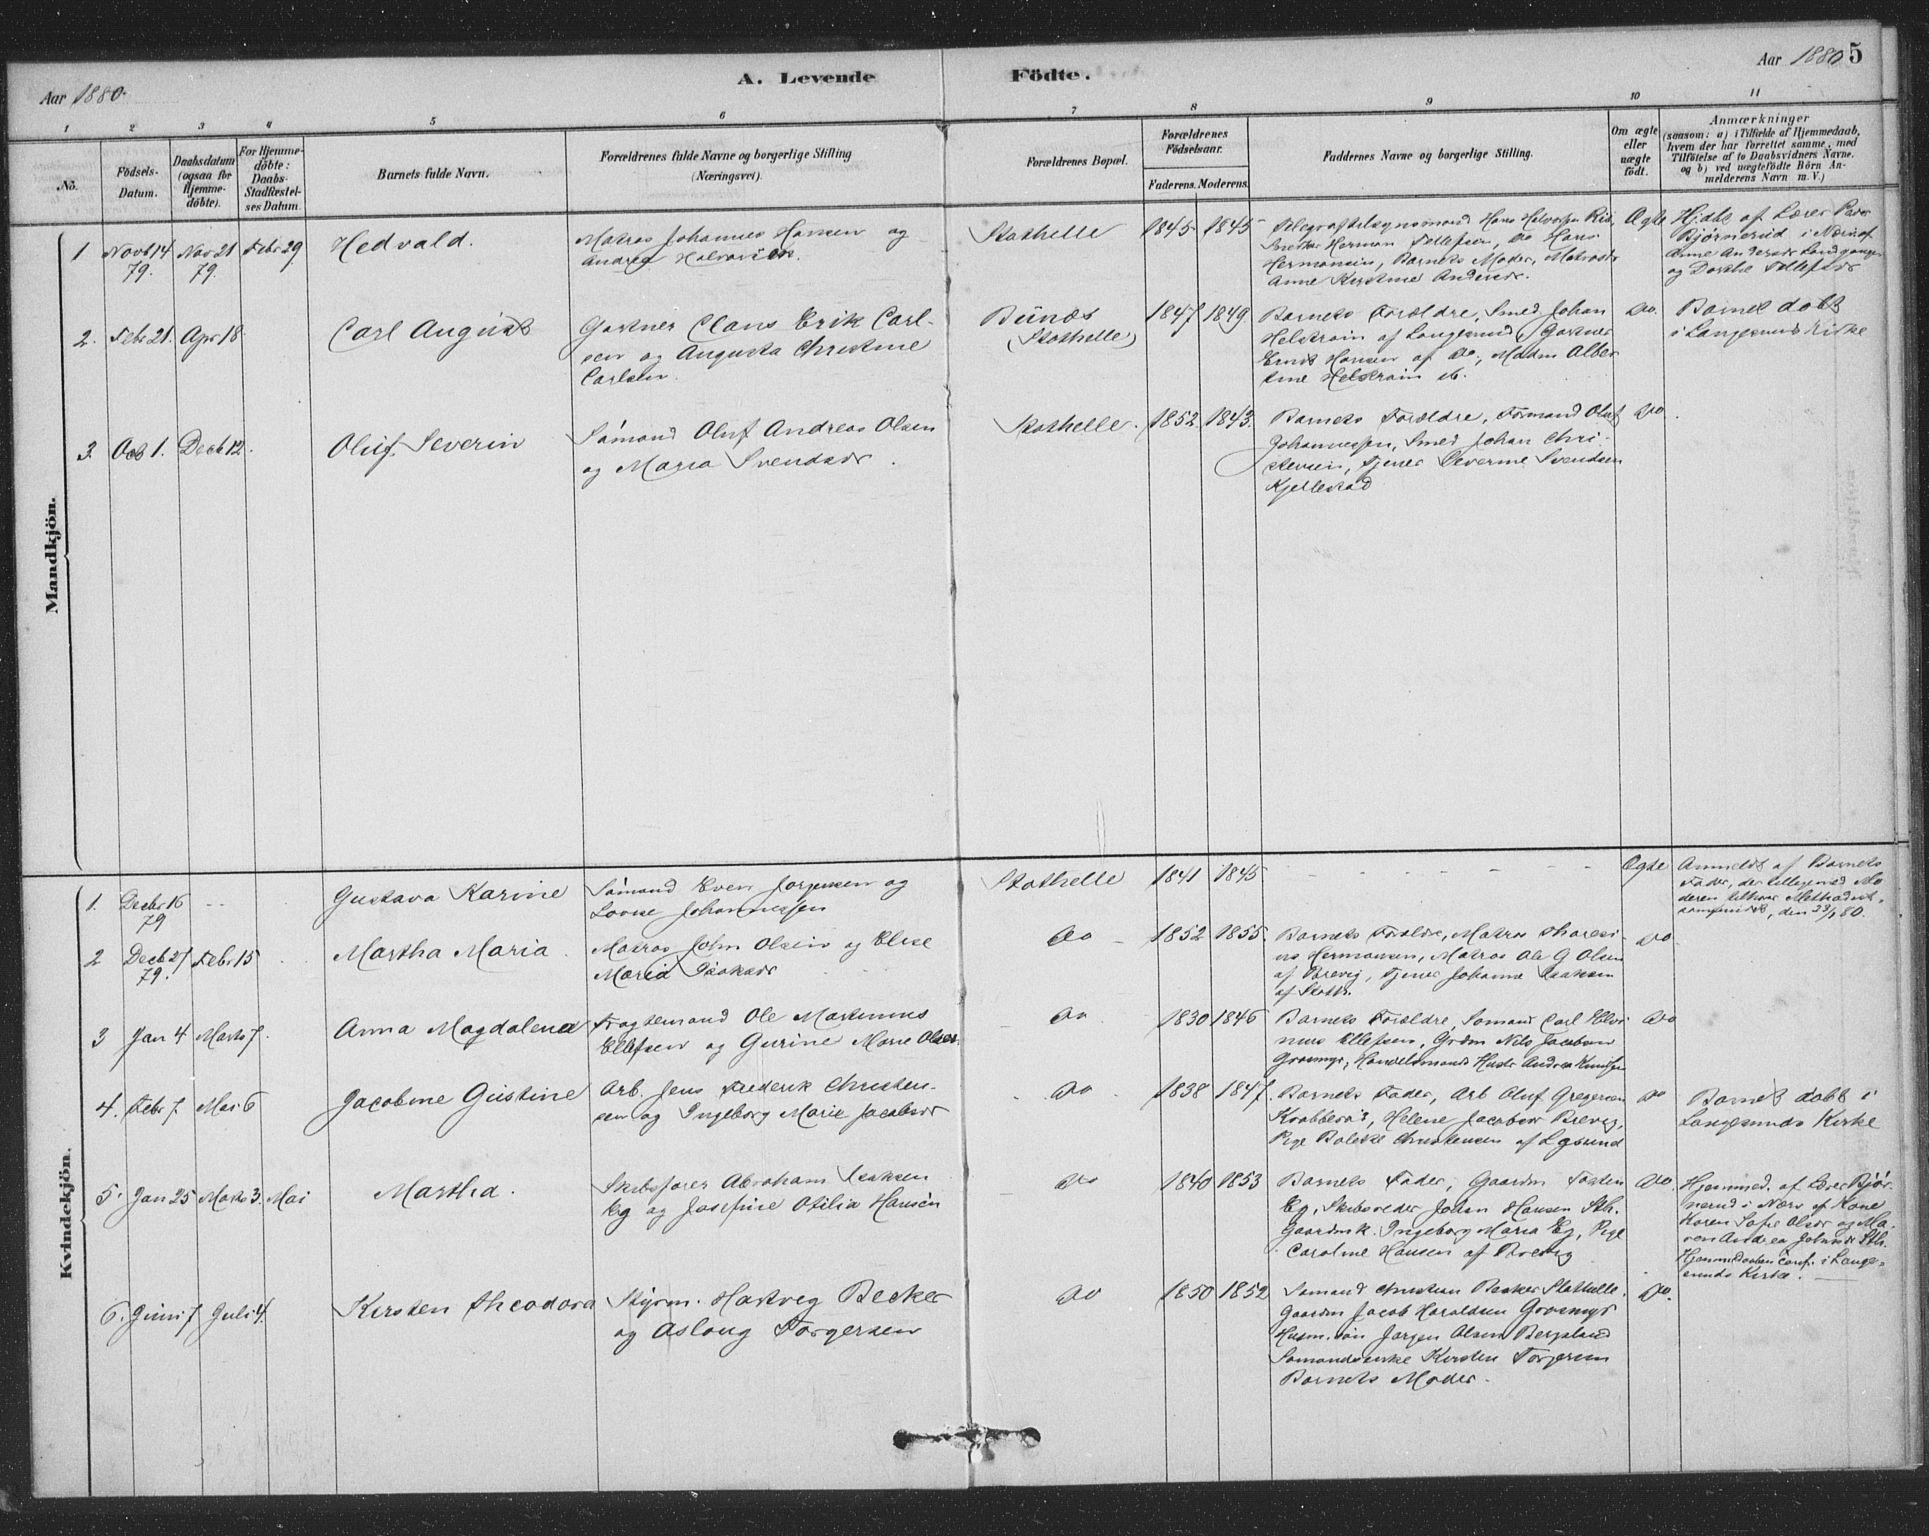 SAKO, Bamble kirkebøker, F/Fb/L0001: Ministerialbok nr. II 1, 1878-1899, s. 5